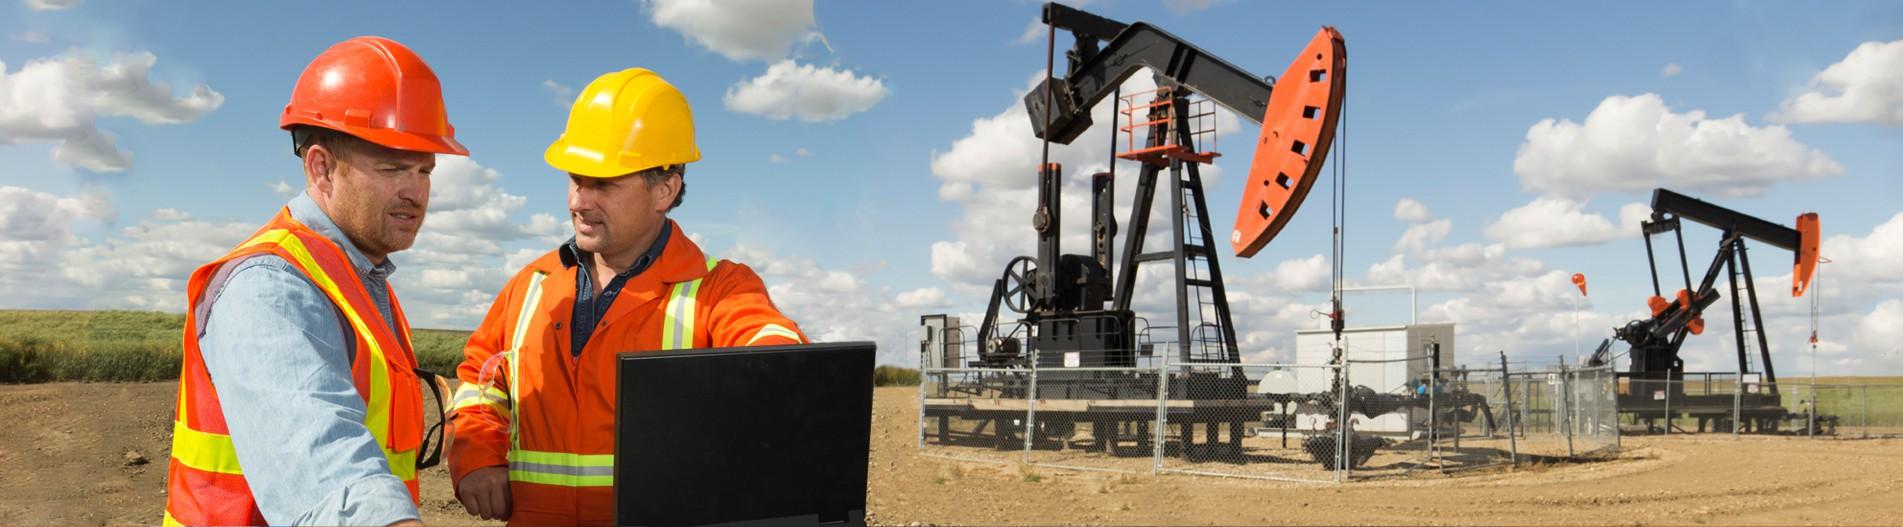 Автоматизация в нефтяной и газовой промышленности